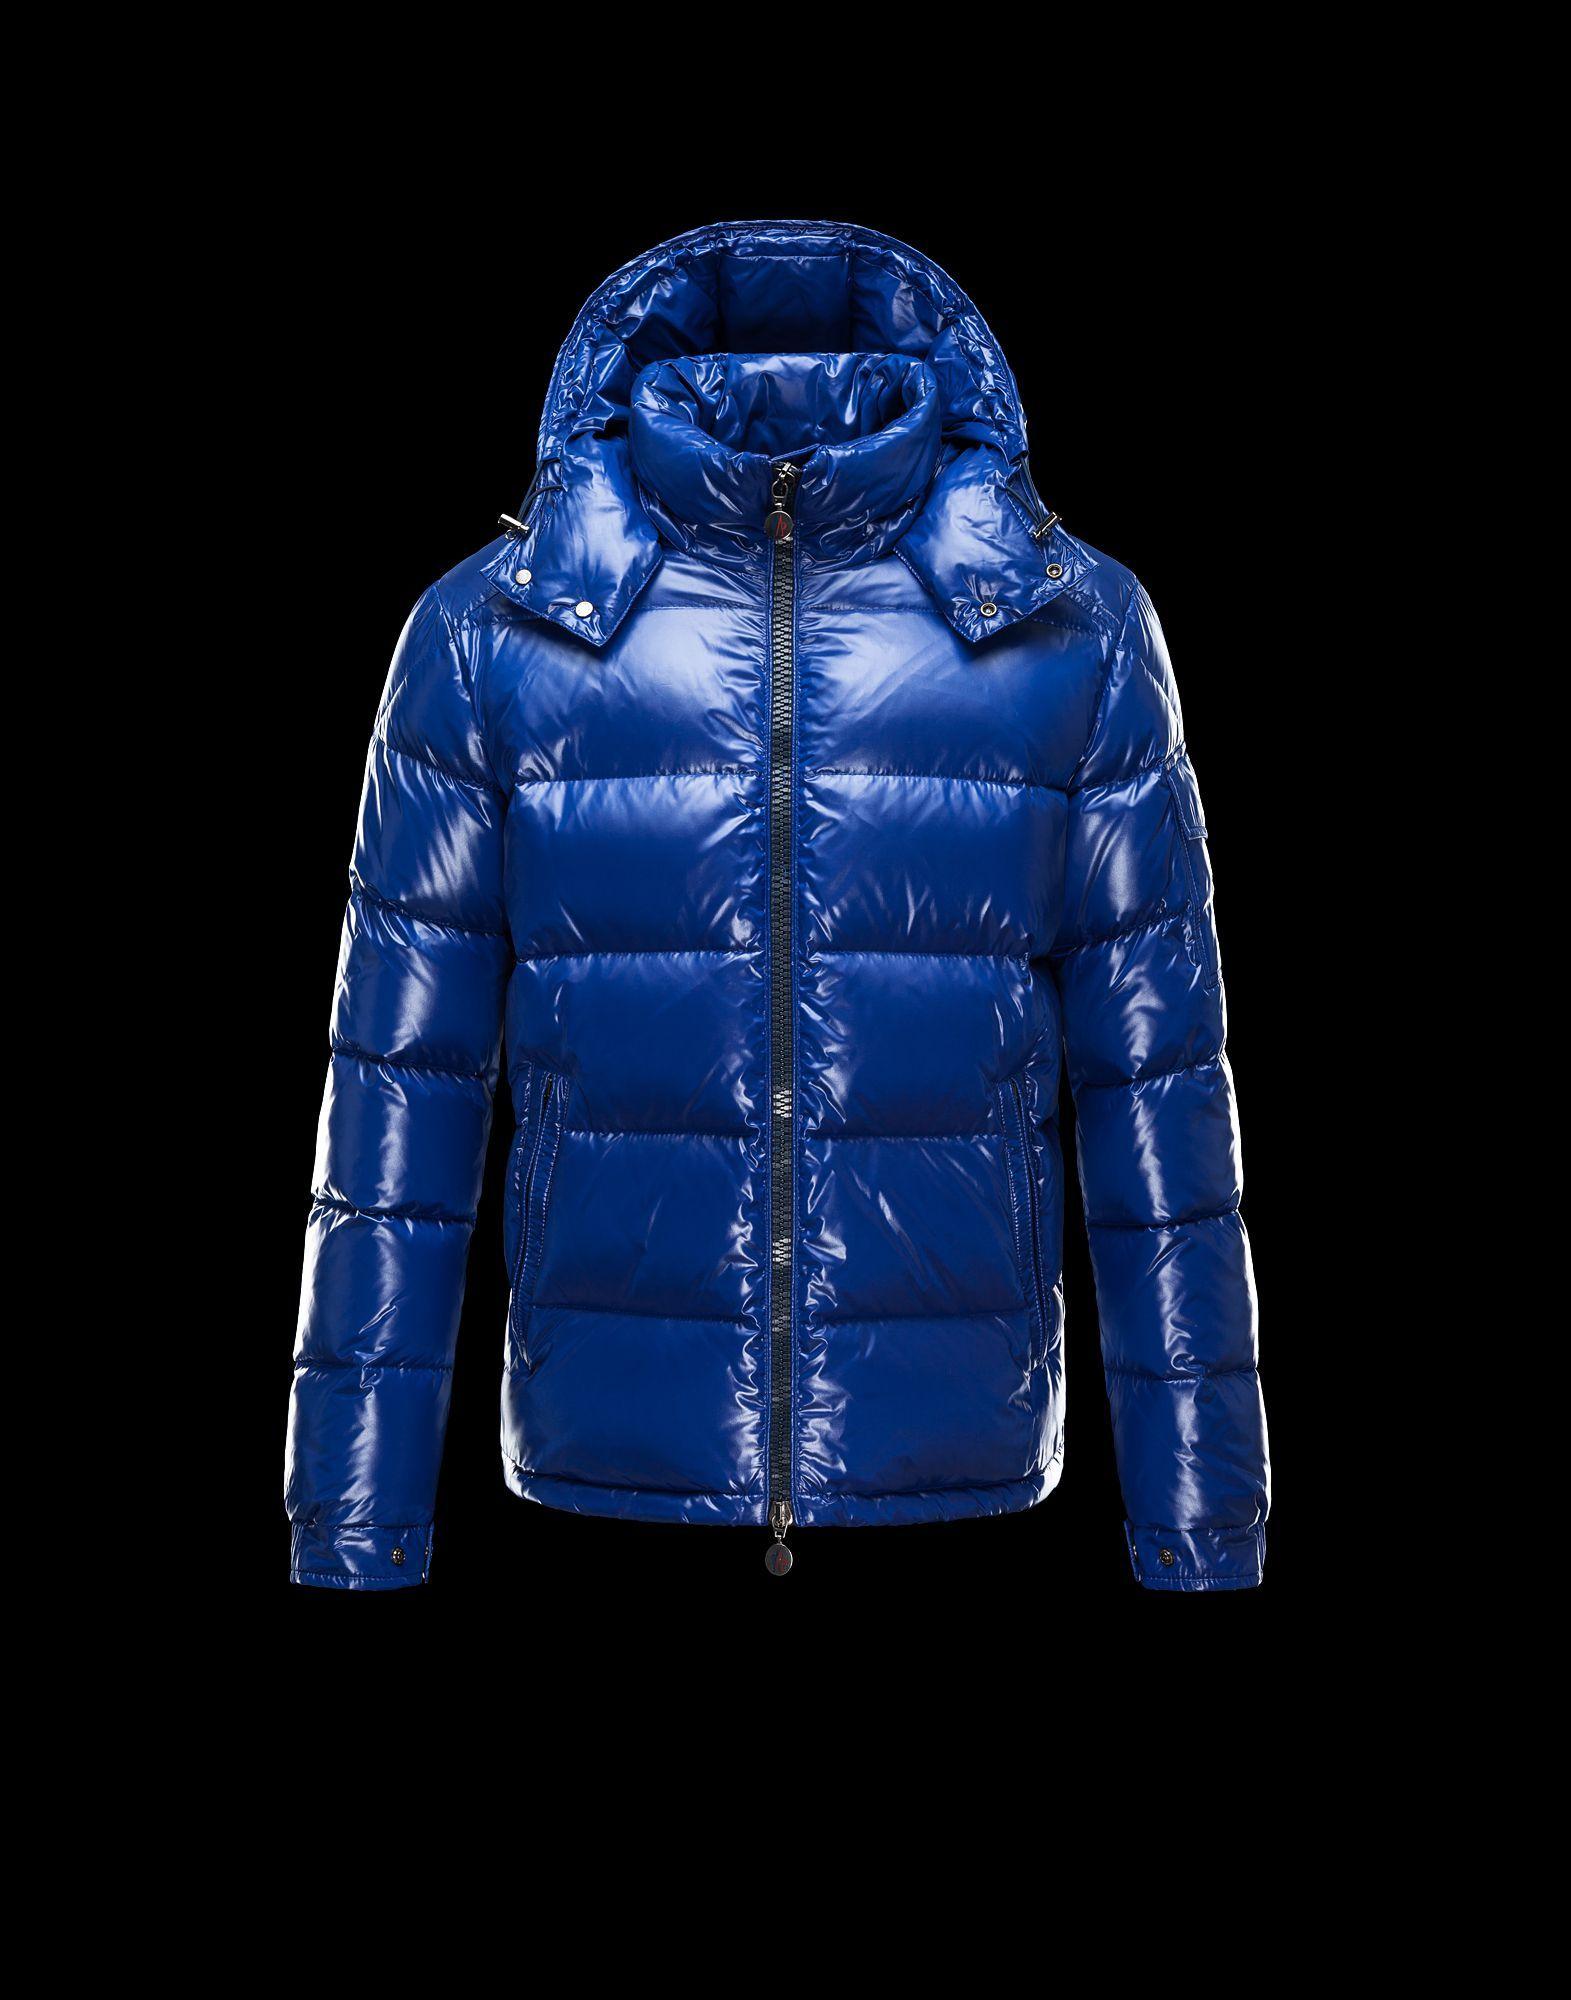 MONCLER Maya | Moncler jacket, Moncler, Moncler jacket women